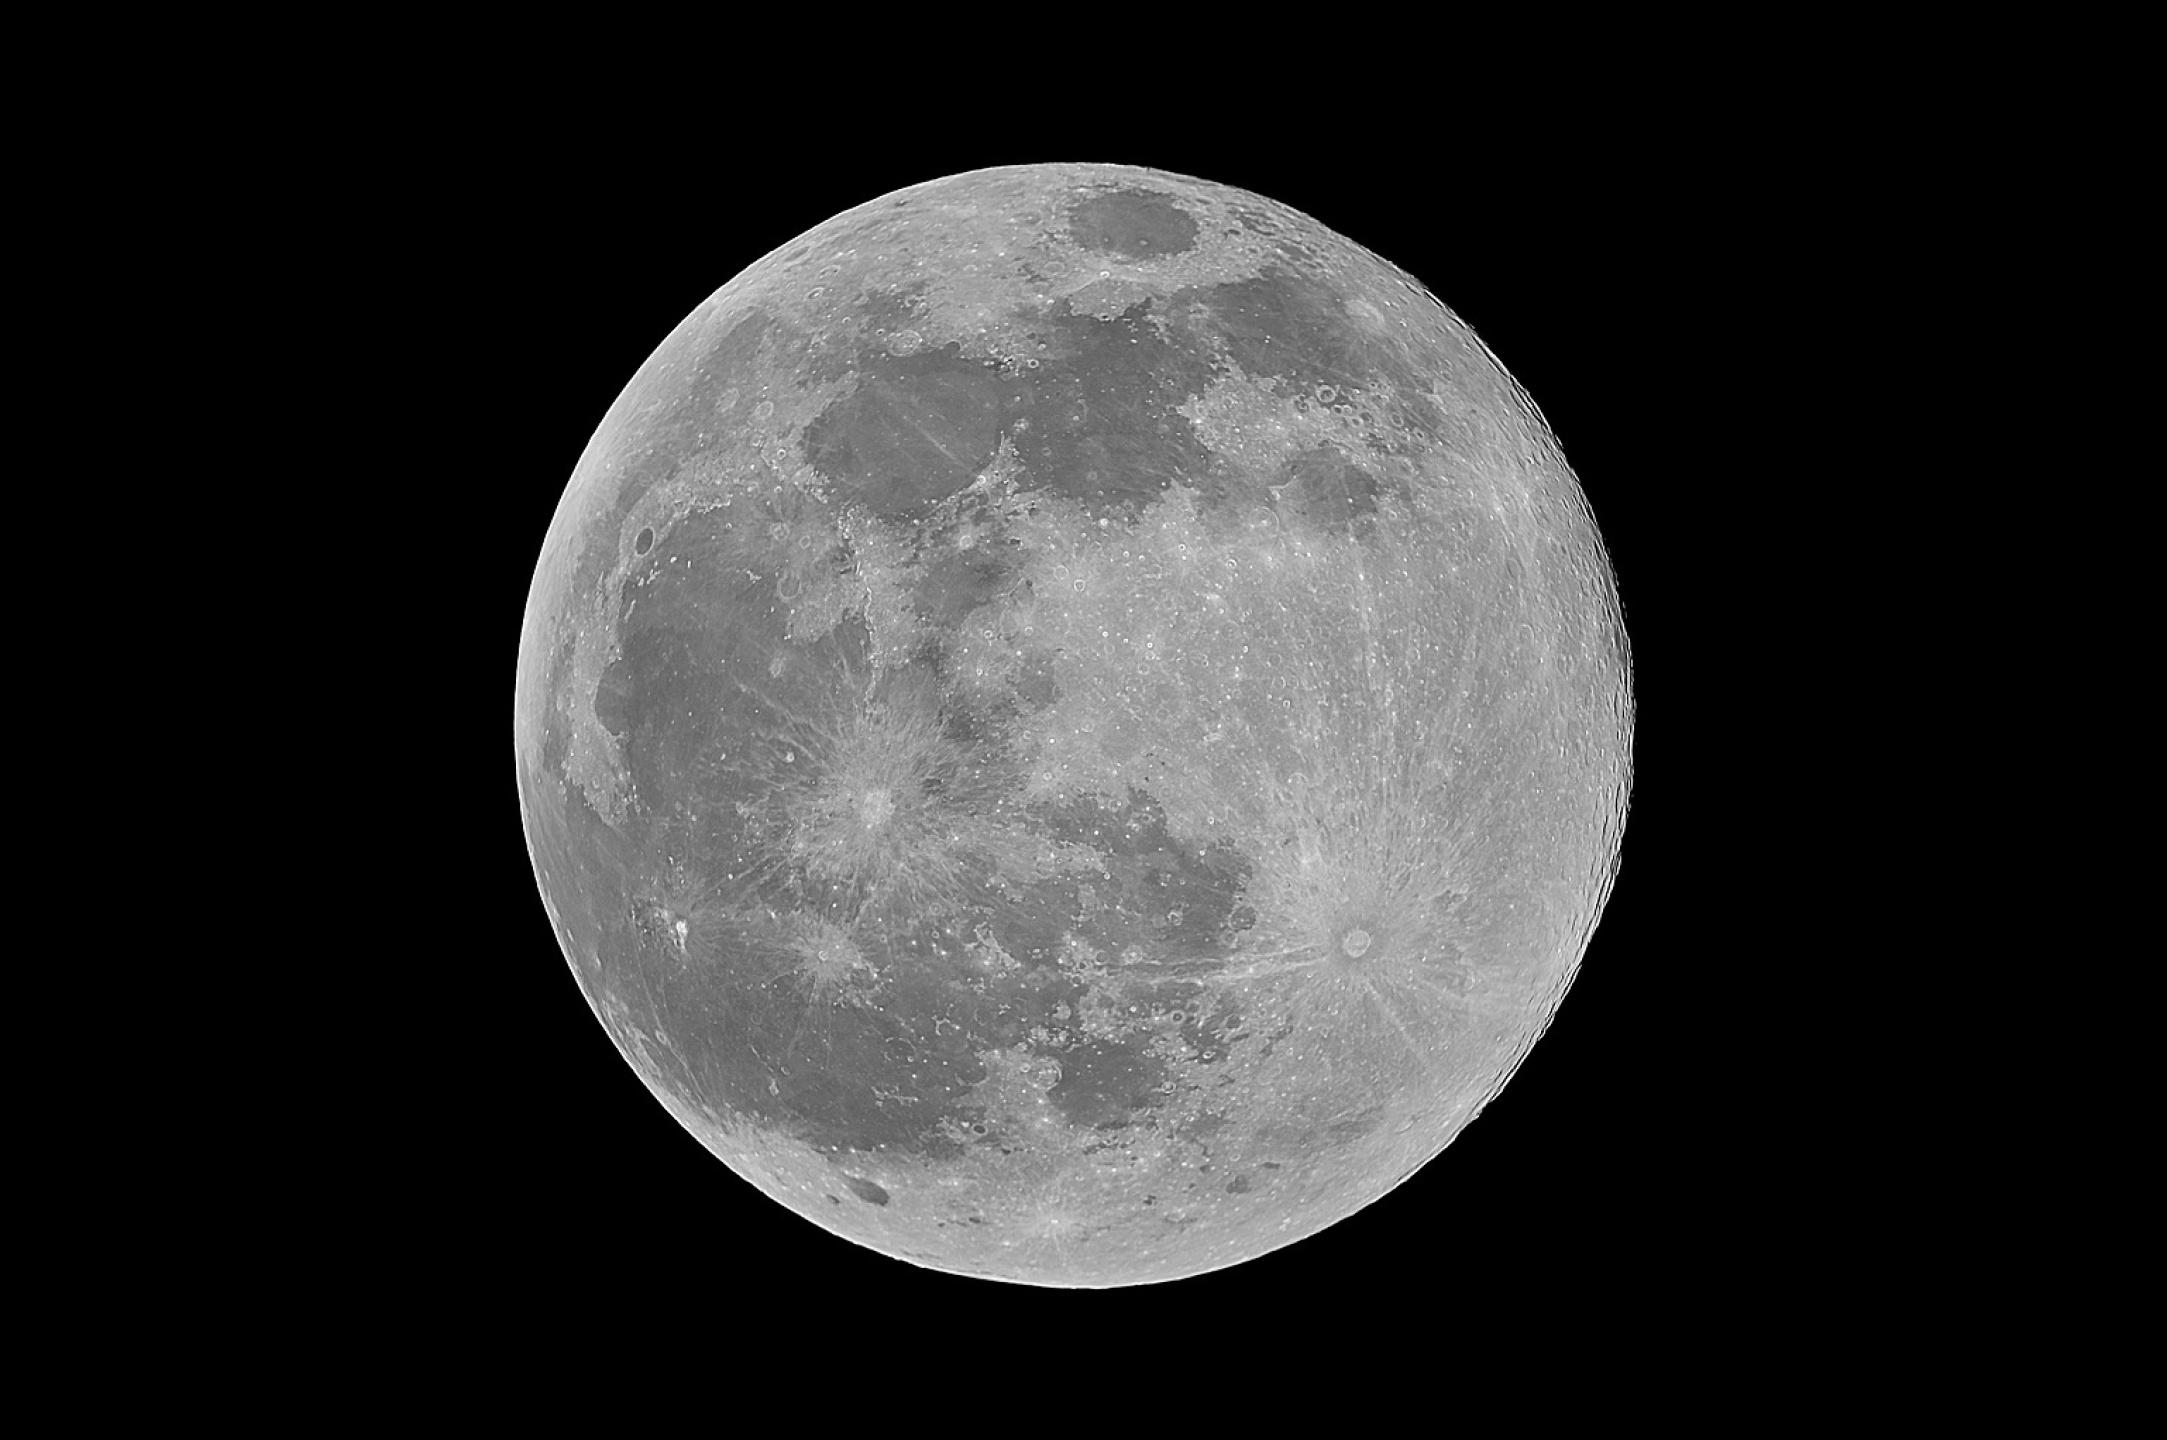 月 満月 2020 2 2020年2月9日は獅子座の満月!今月の満月と新月について ‣